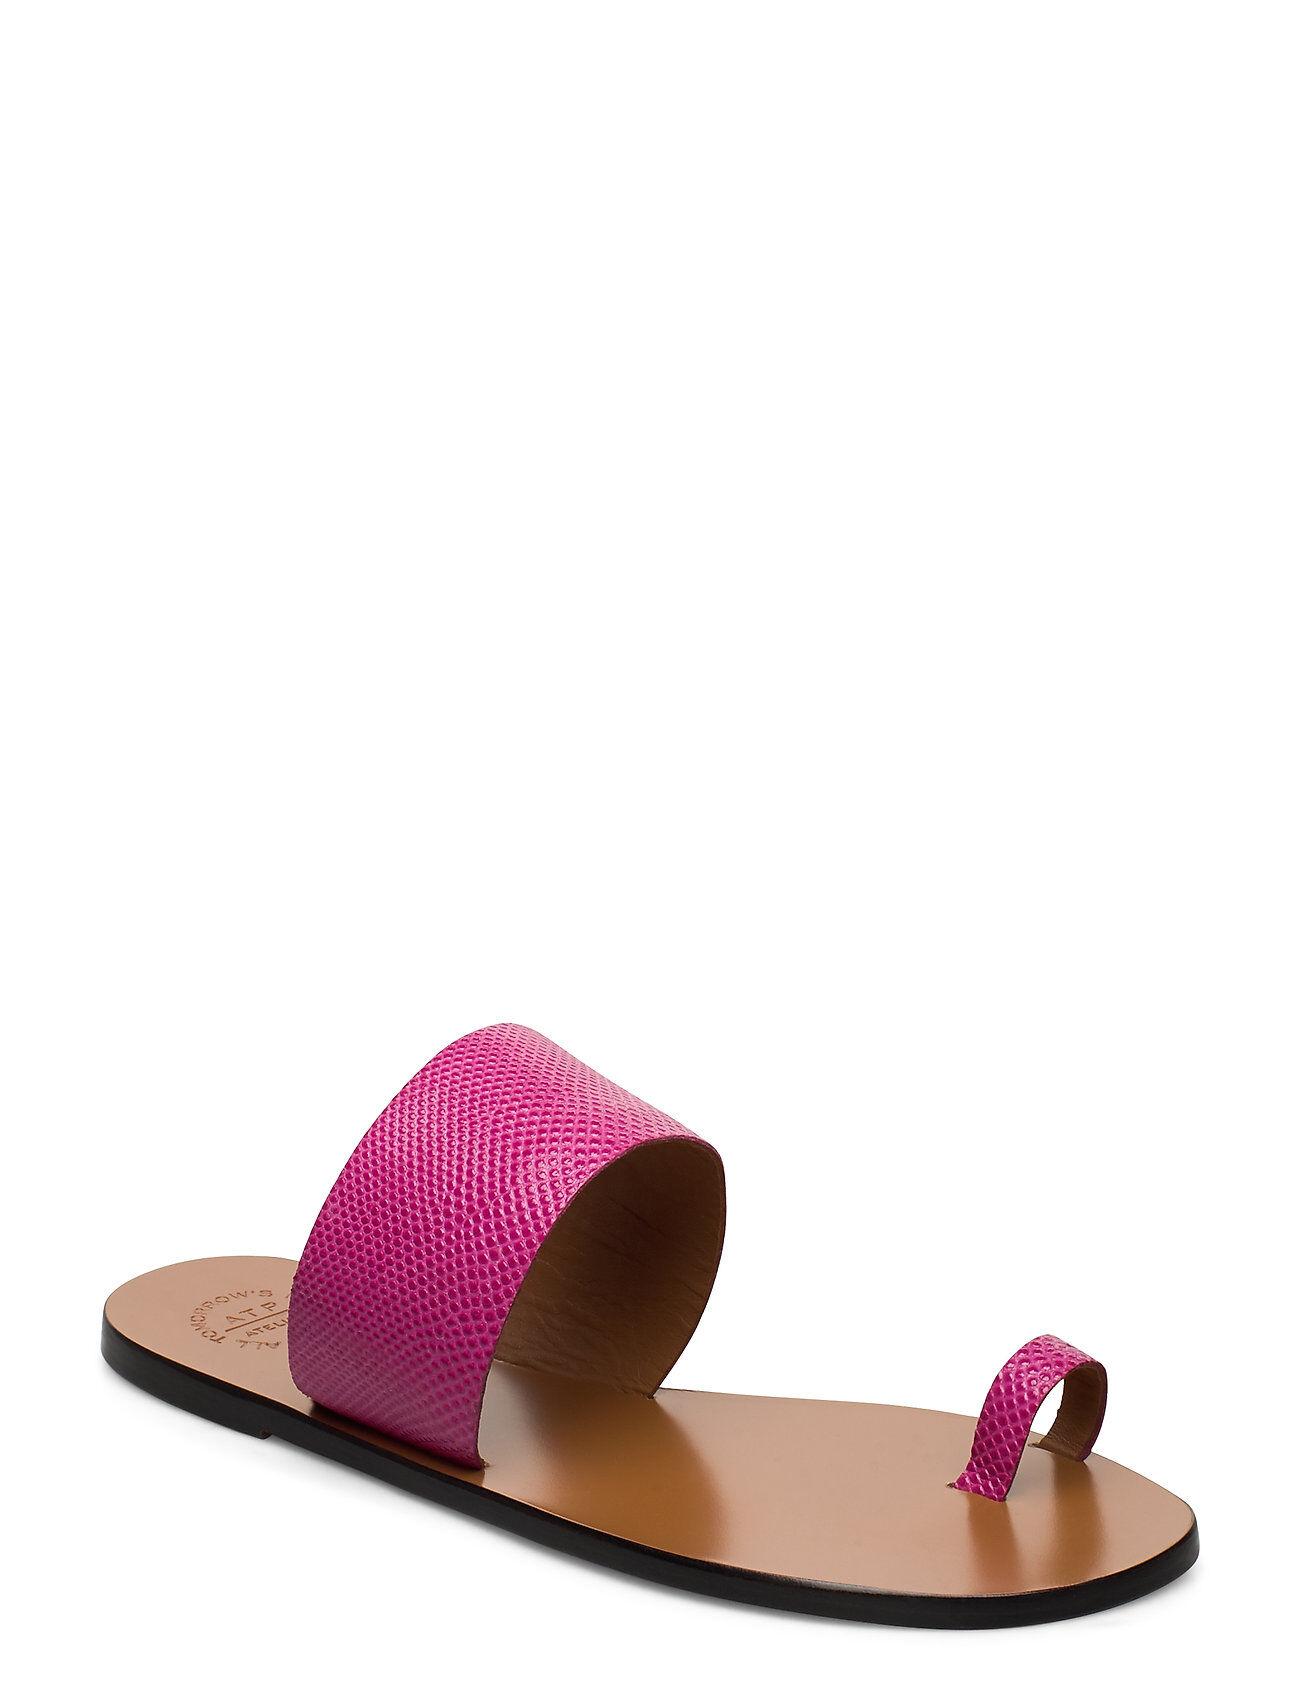 ATP Atelier Astrid Fuxia Printed Watersnake Matalapohjaiset Sandaalit Vaaleanpunainen ATP Atelier